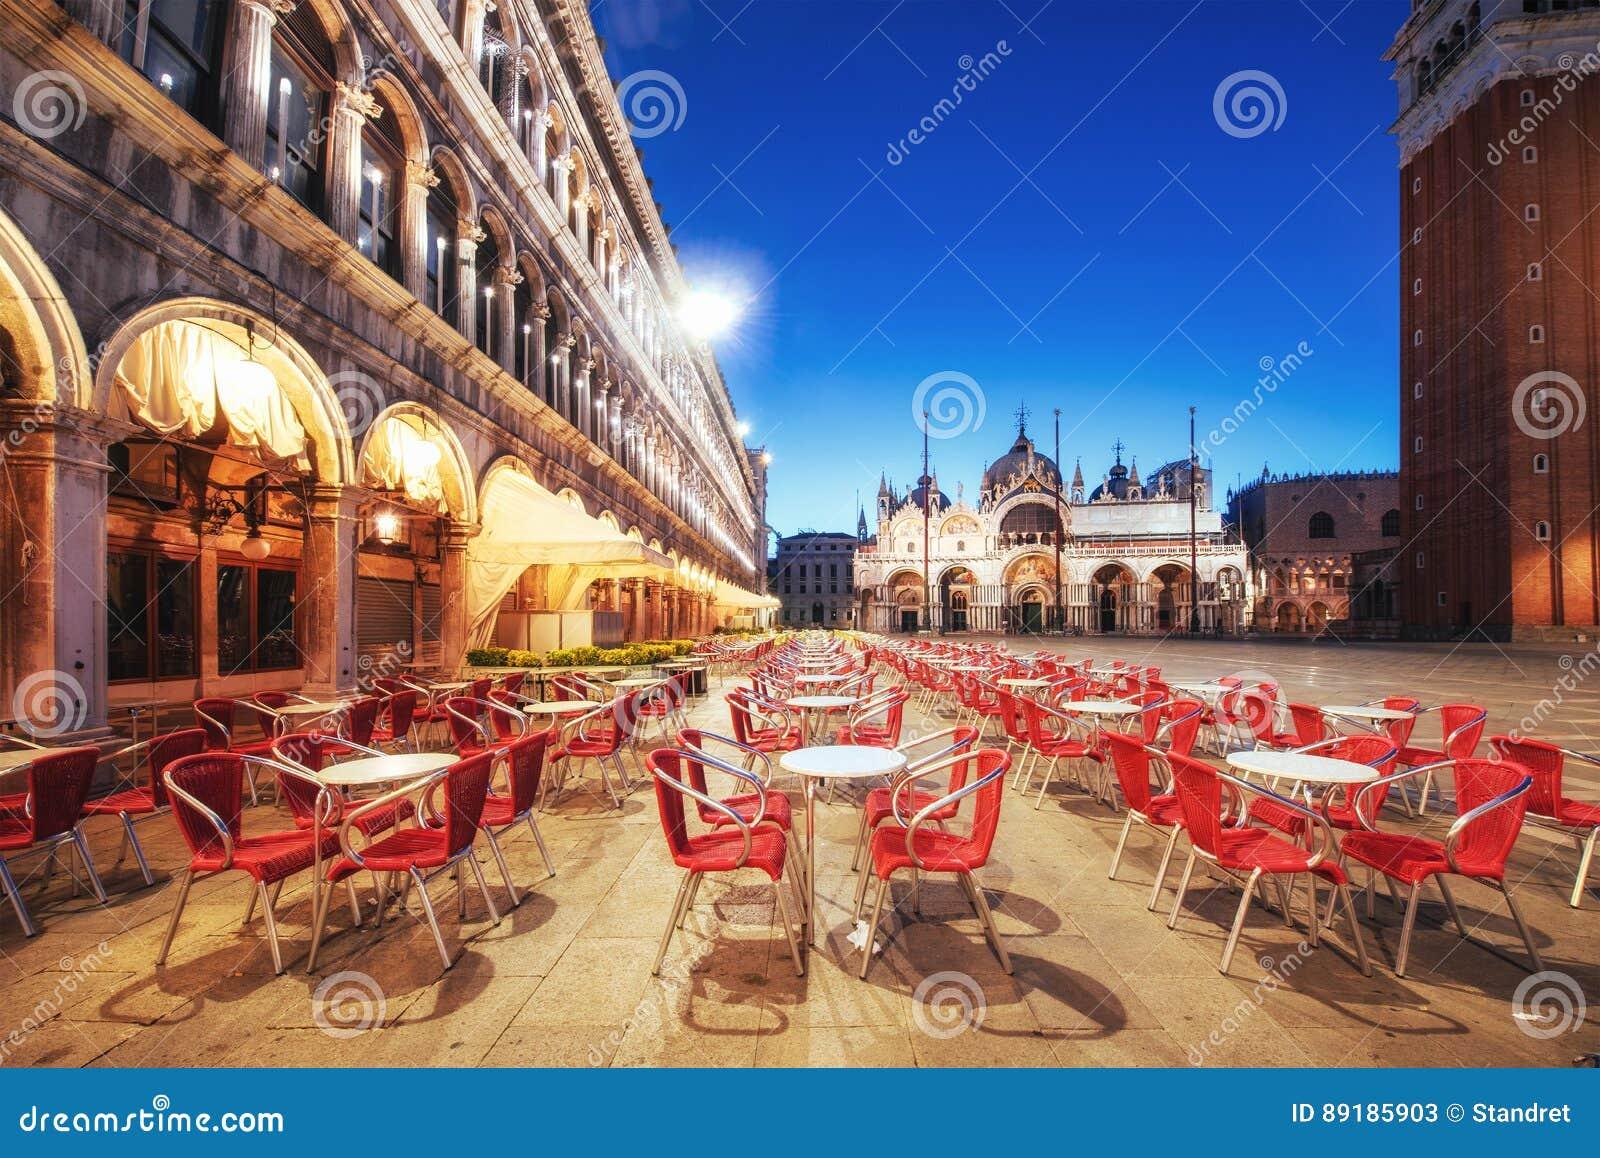 La scena di notte del quadrato di San Marco, Venezia Italia